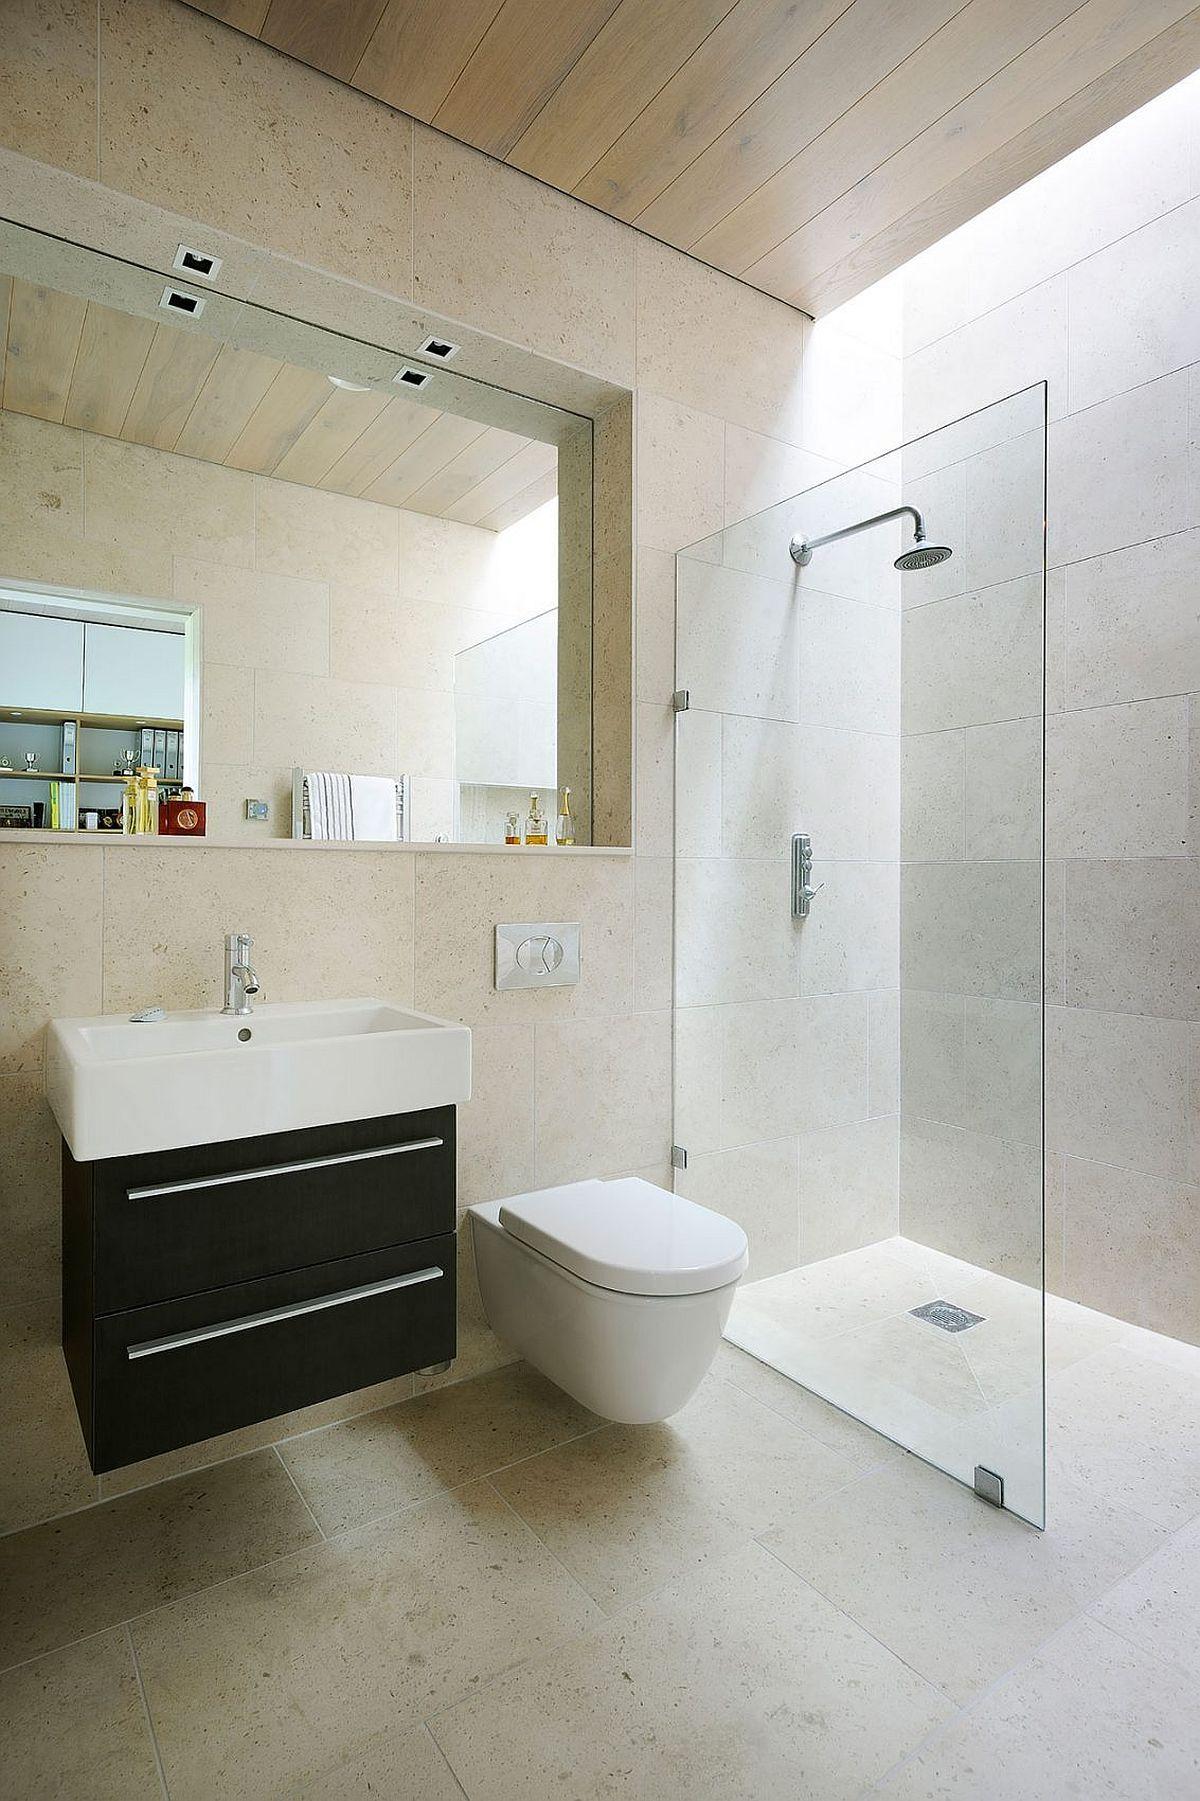 Badezimmer Design Ideen Verwenden Sie Die Gleiche Fliese Auf Den